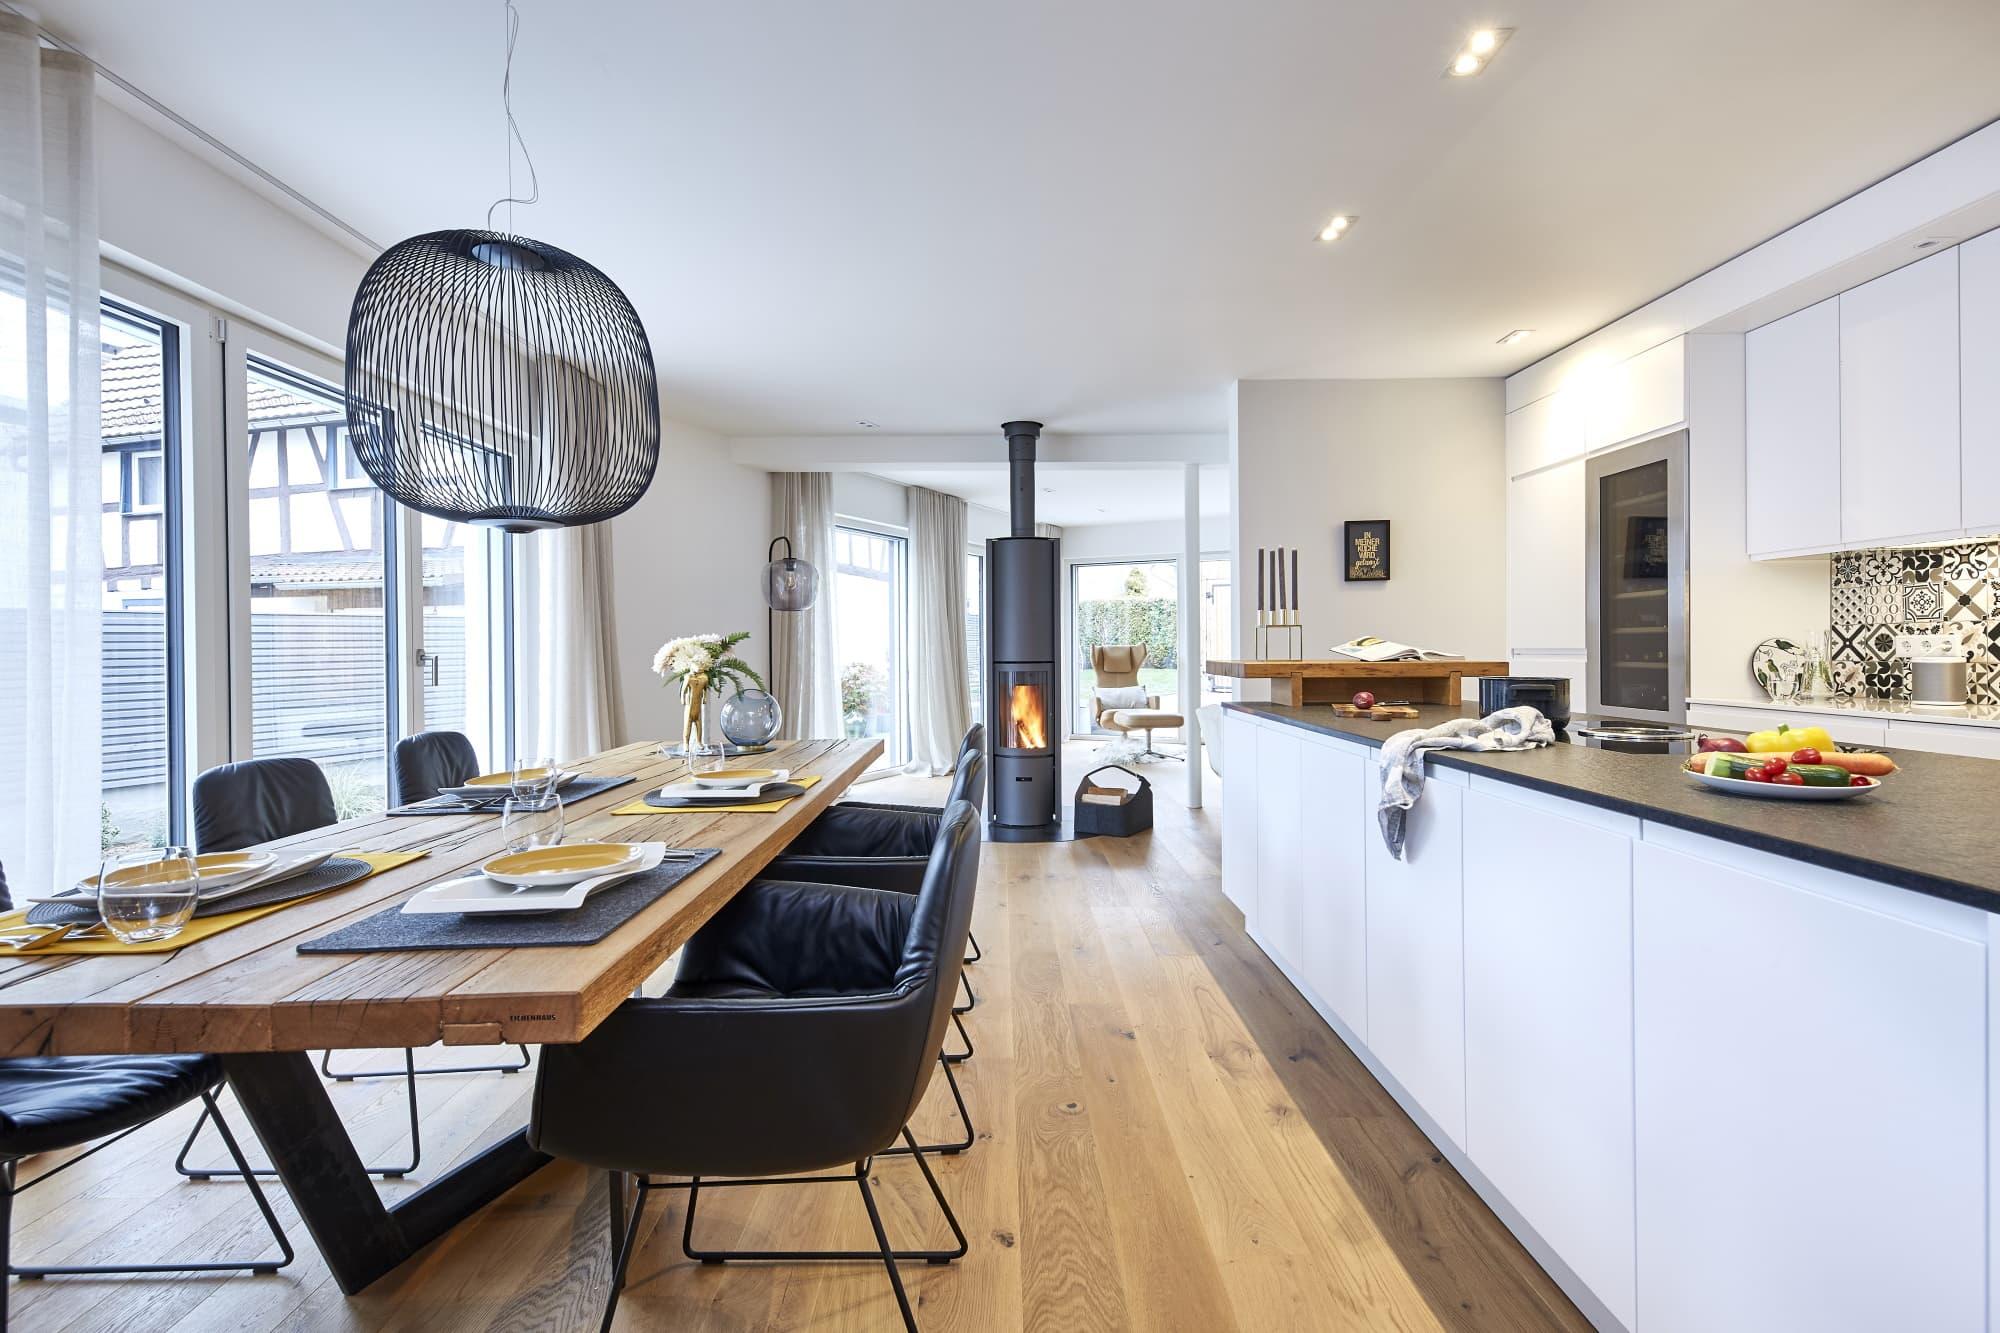 Offene Küche modern weiß mit großem Esstisch rustikal aus Holz & Kaminofen als Raumteiler - Ideen Inneneinrichtung Haus Design Baufritz STADTHAUS EHRMANN - HausbauDirekt.de